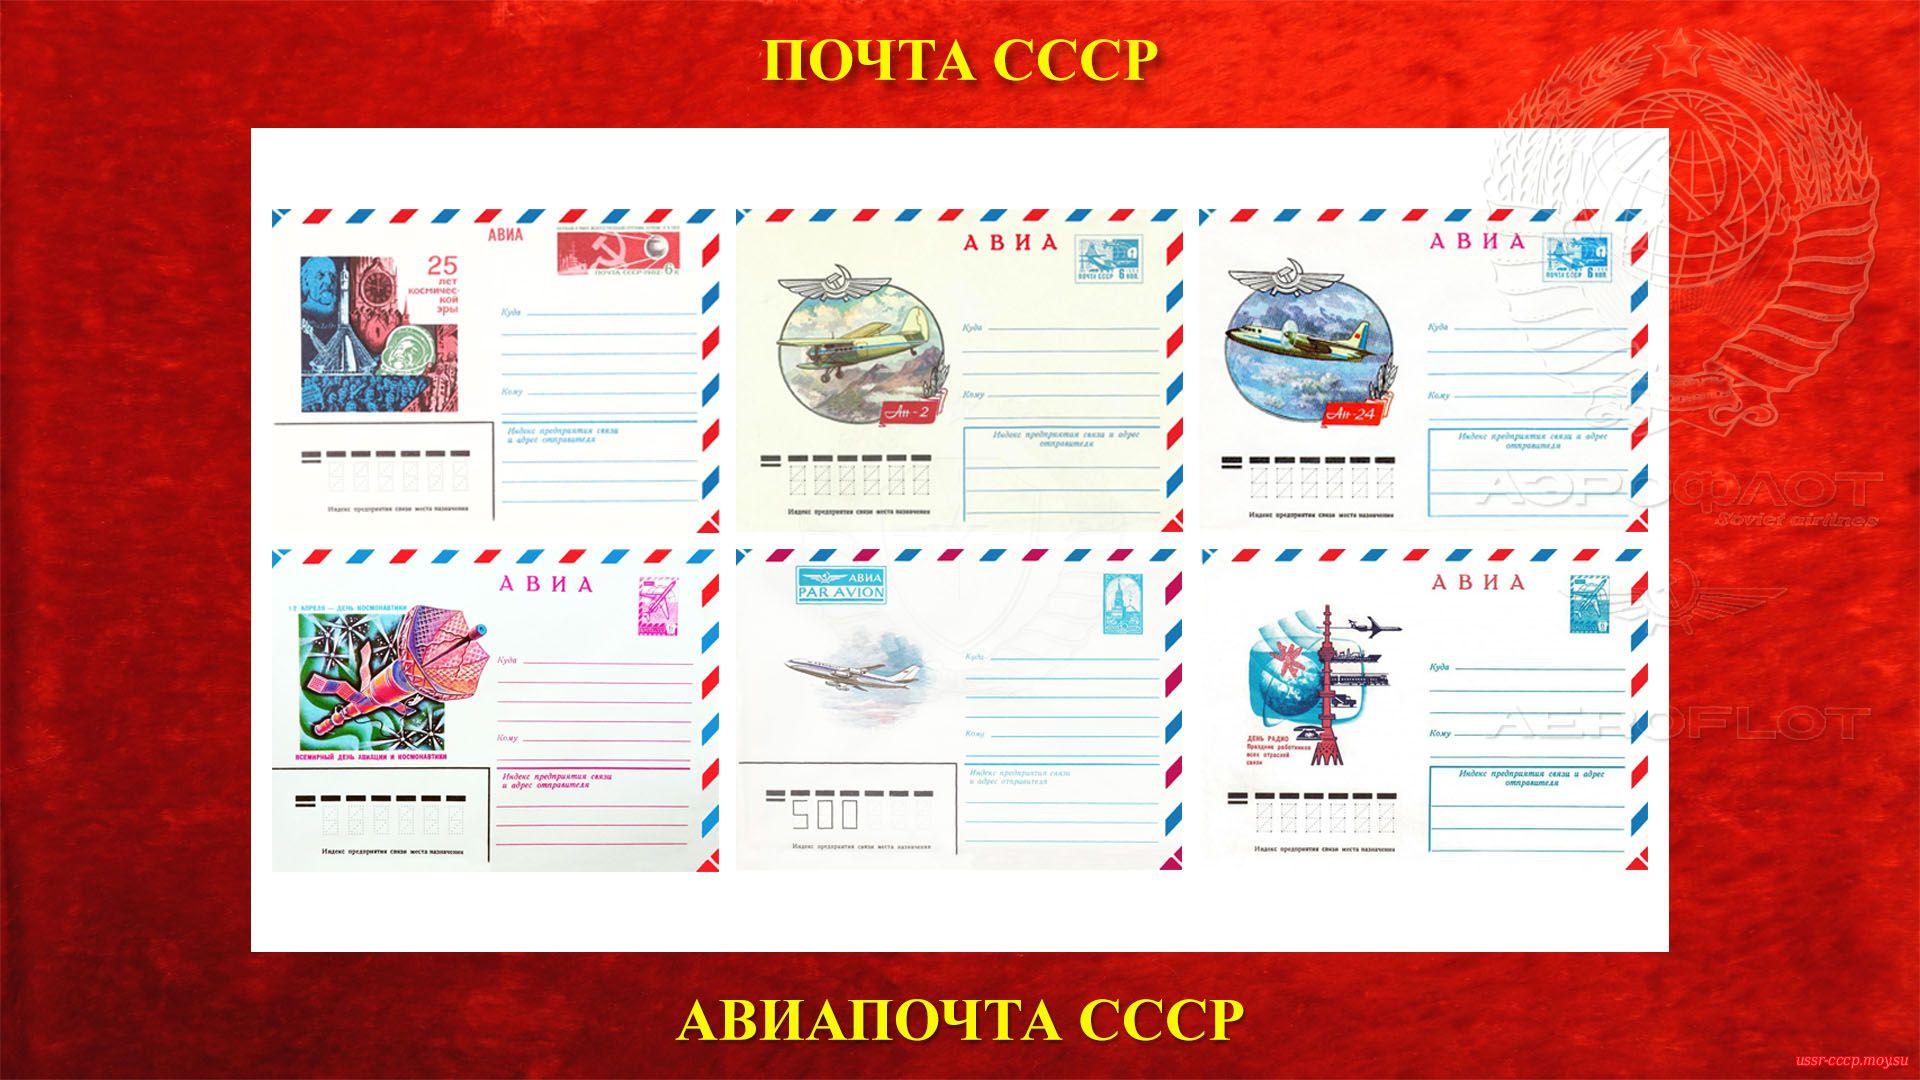 Авиапочта СССР — Авиация на почтовых марках СССР (полное повествование)